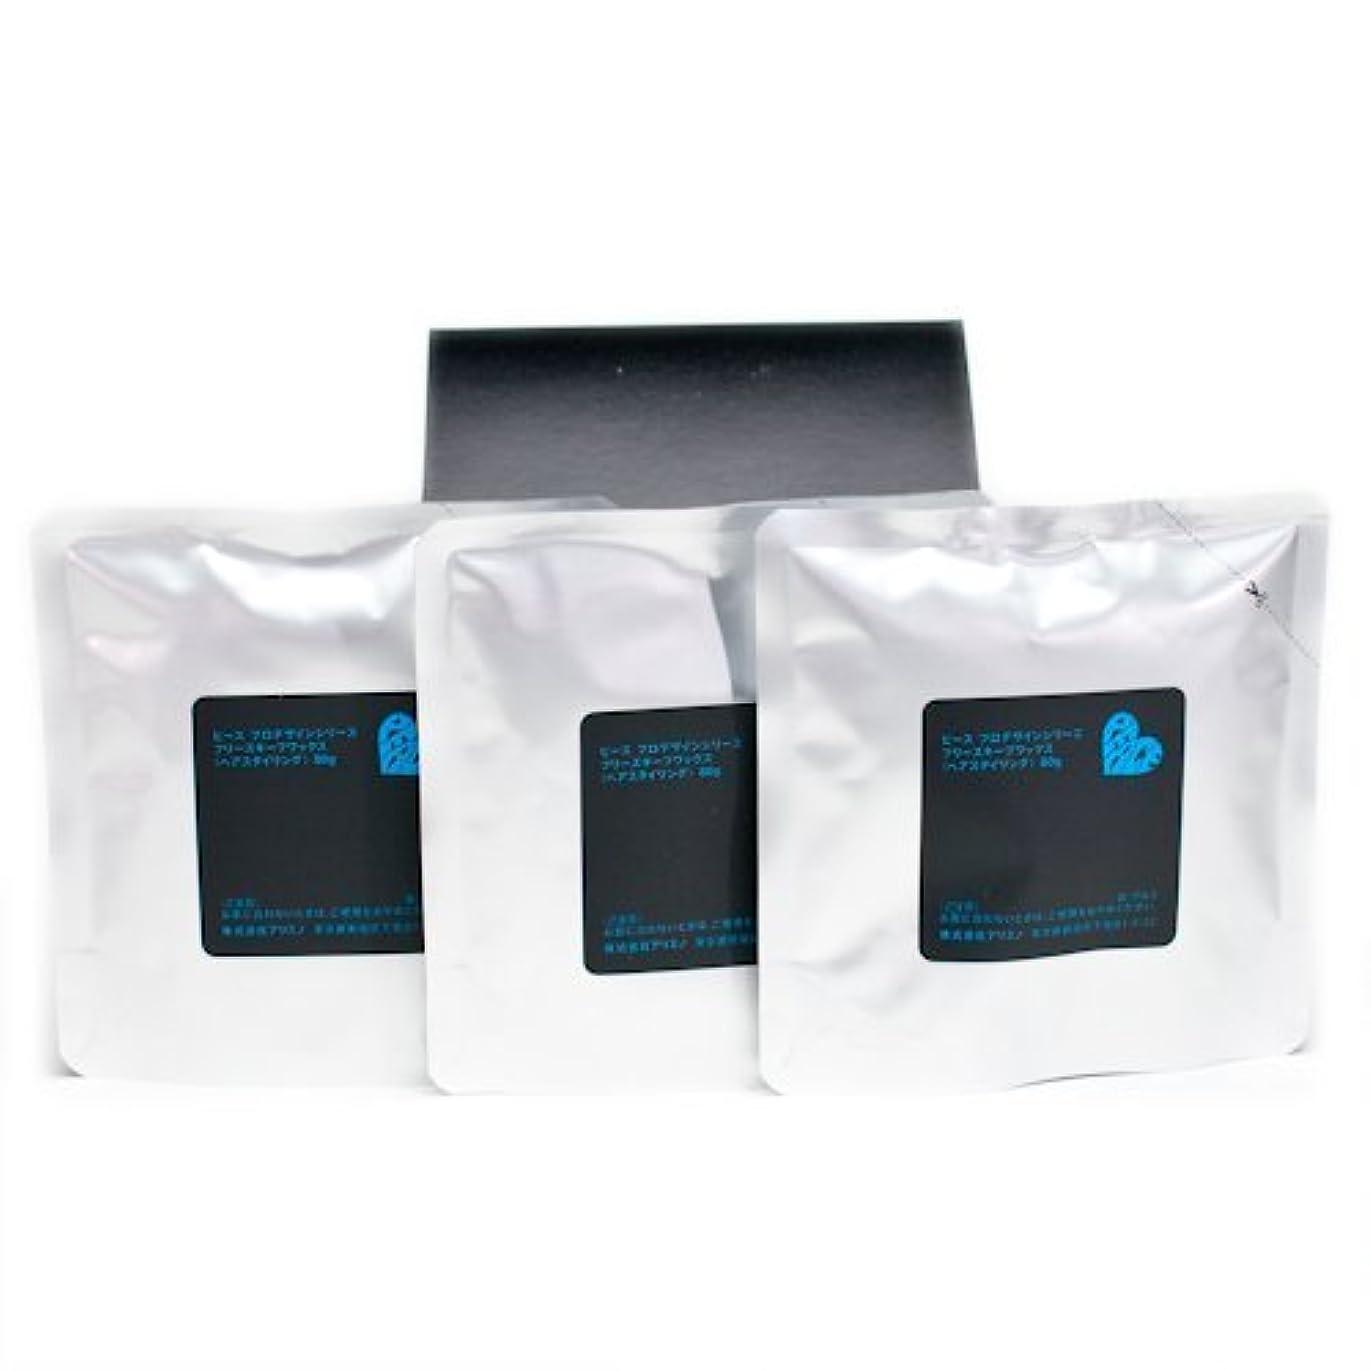 連結する焦げ世紀アリミノ ピース フリーズキープワックス (ブラック)80g(業務?詰替用)×3個入り